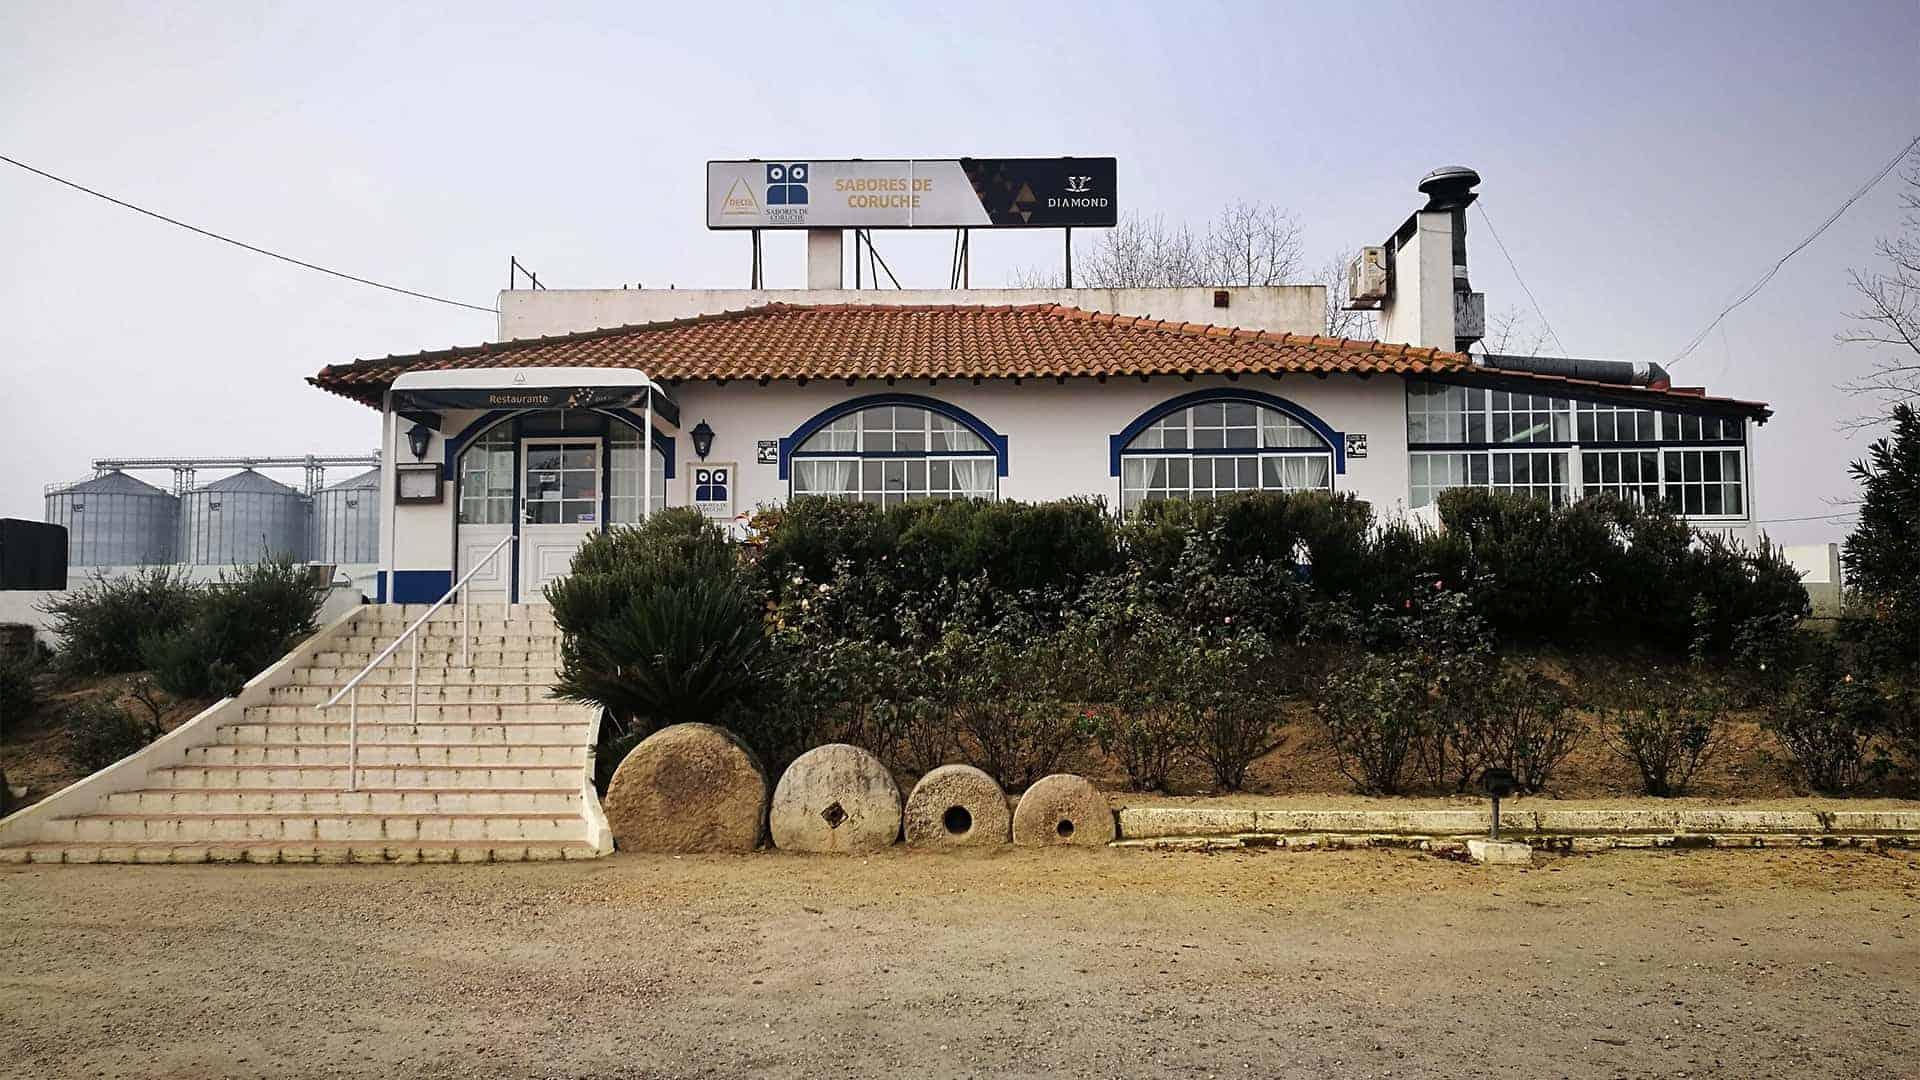 Restaurante Sabores de Coruche